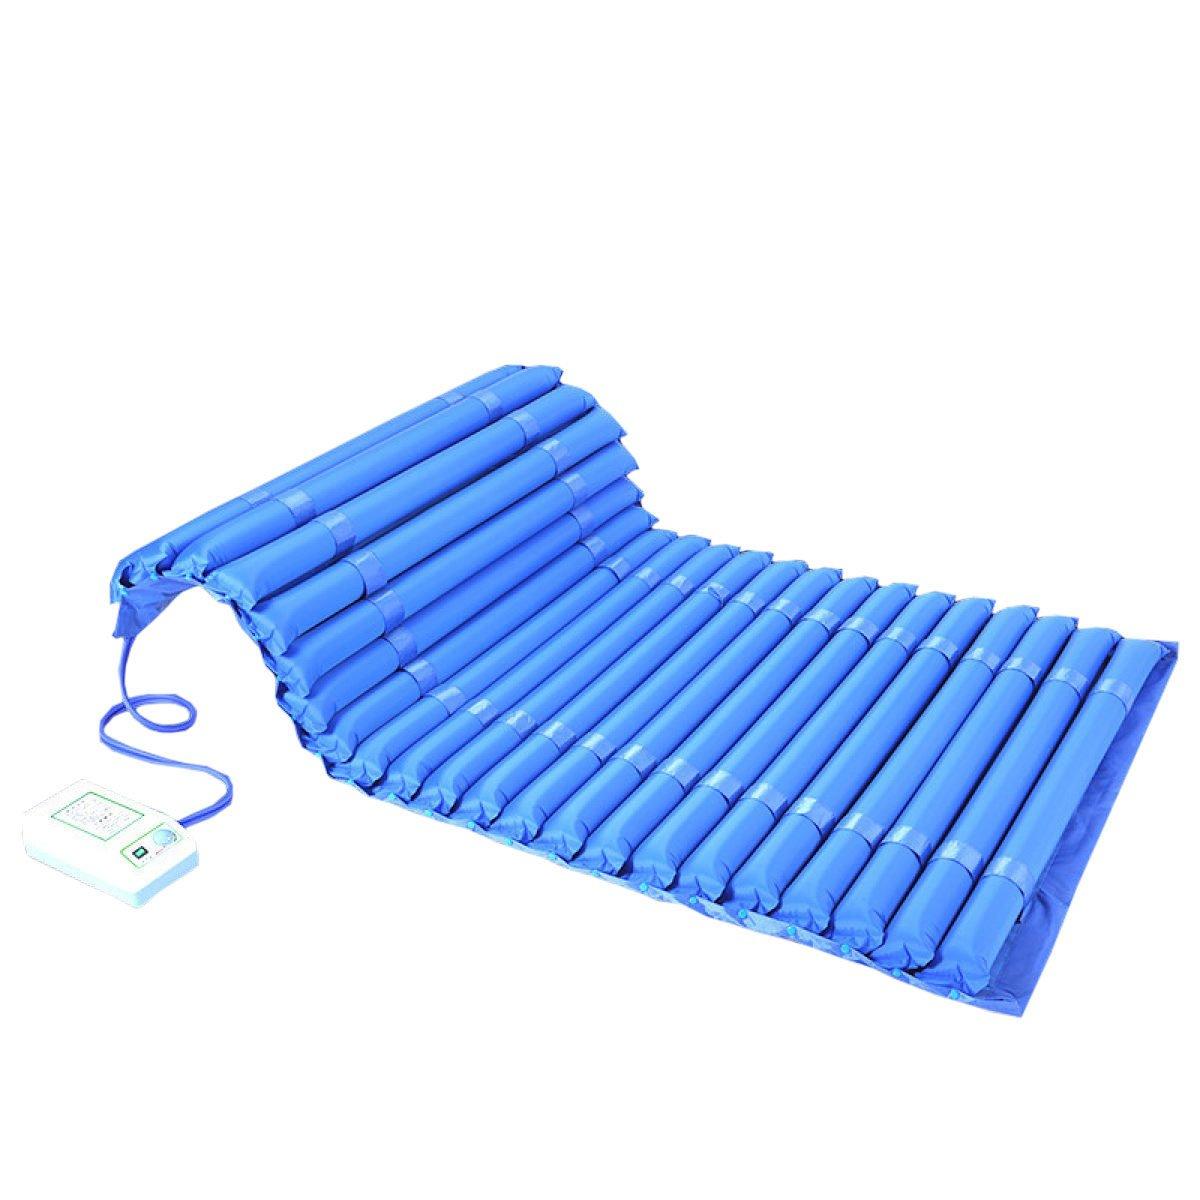 DFB Verbreiterung Erhöhte Anti-Bett-Aufblasbare Matratze Einzel-Älteres Spülbett Betrunkene Patienten Medizinisches Haus,Blau-2m1.2m